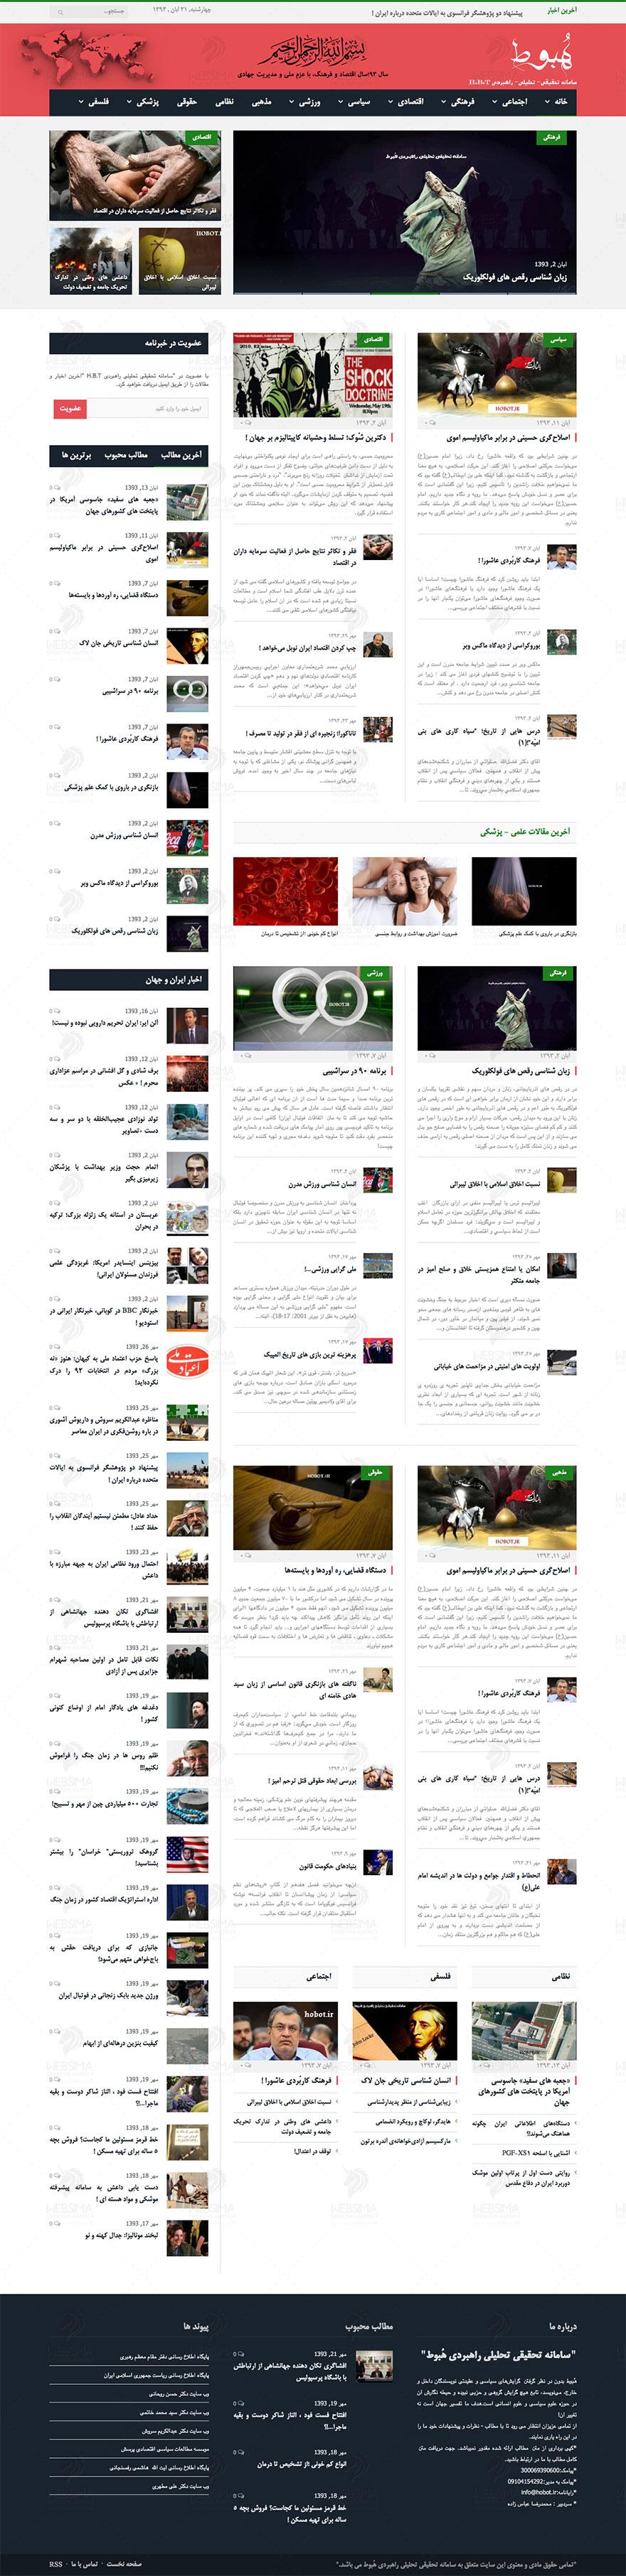 طراحی و سئو سایت خبری تحلیلی